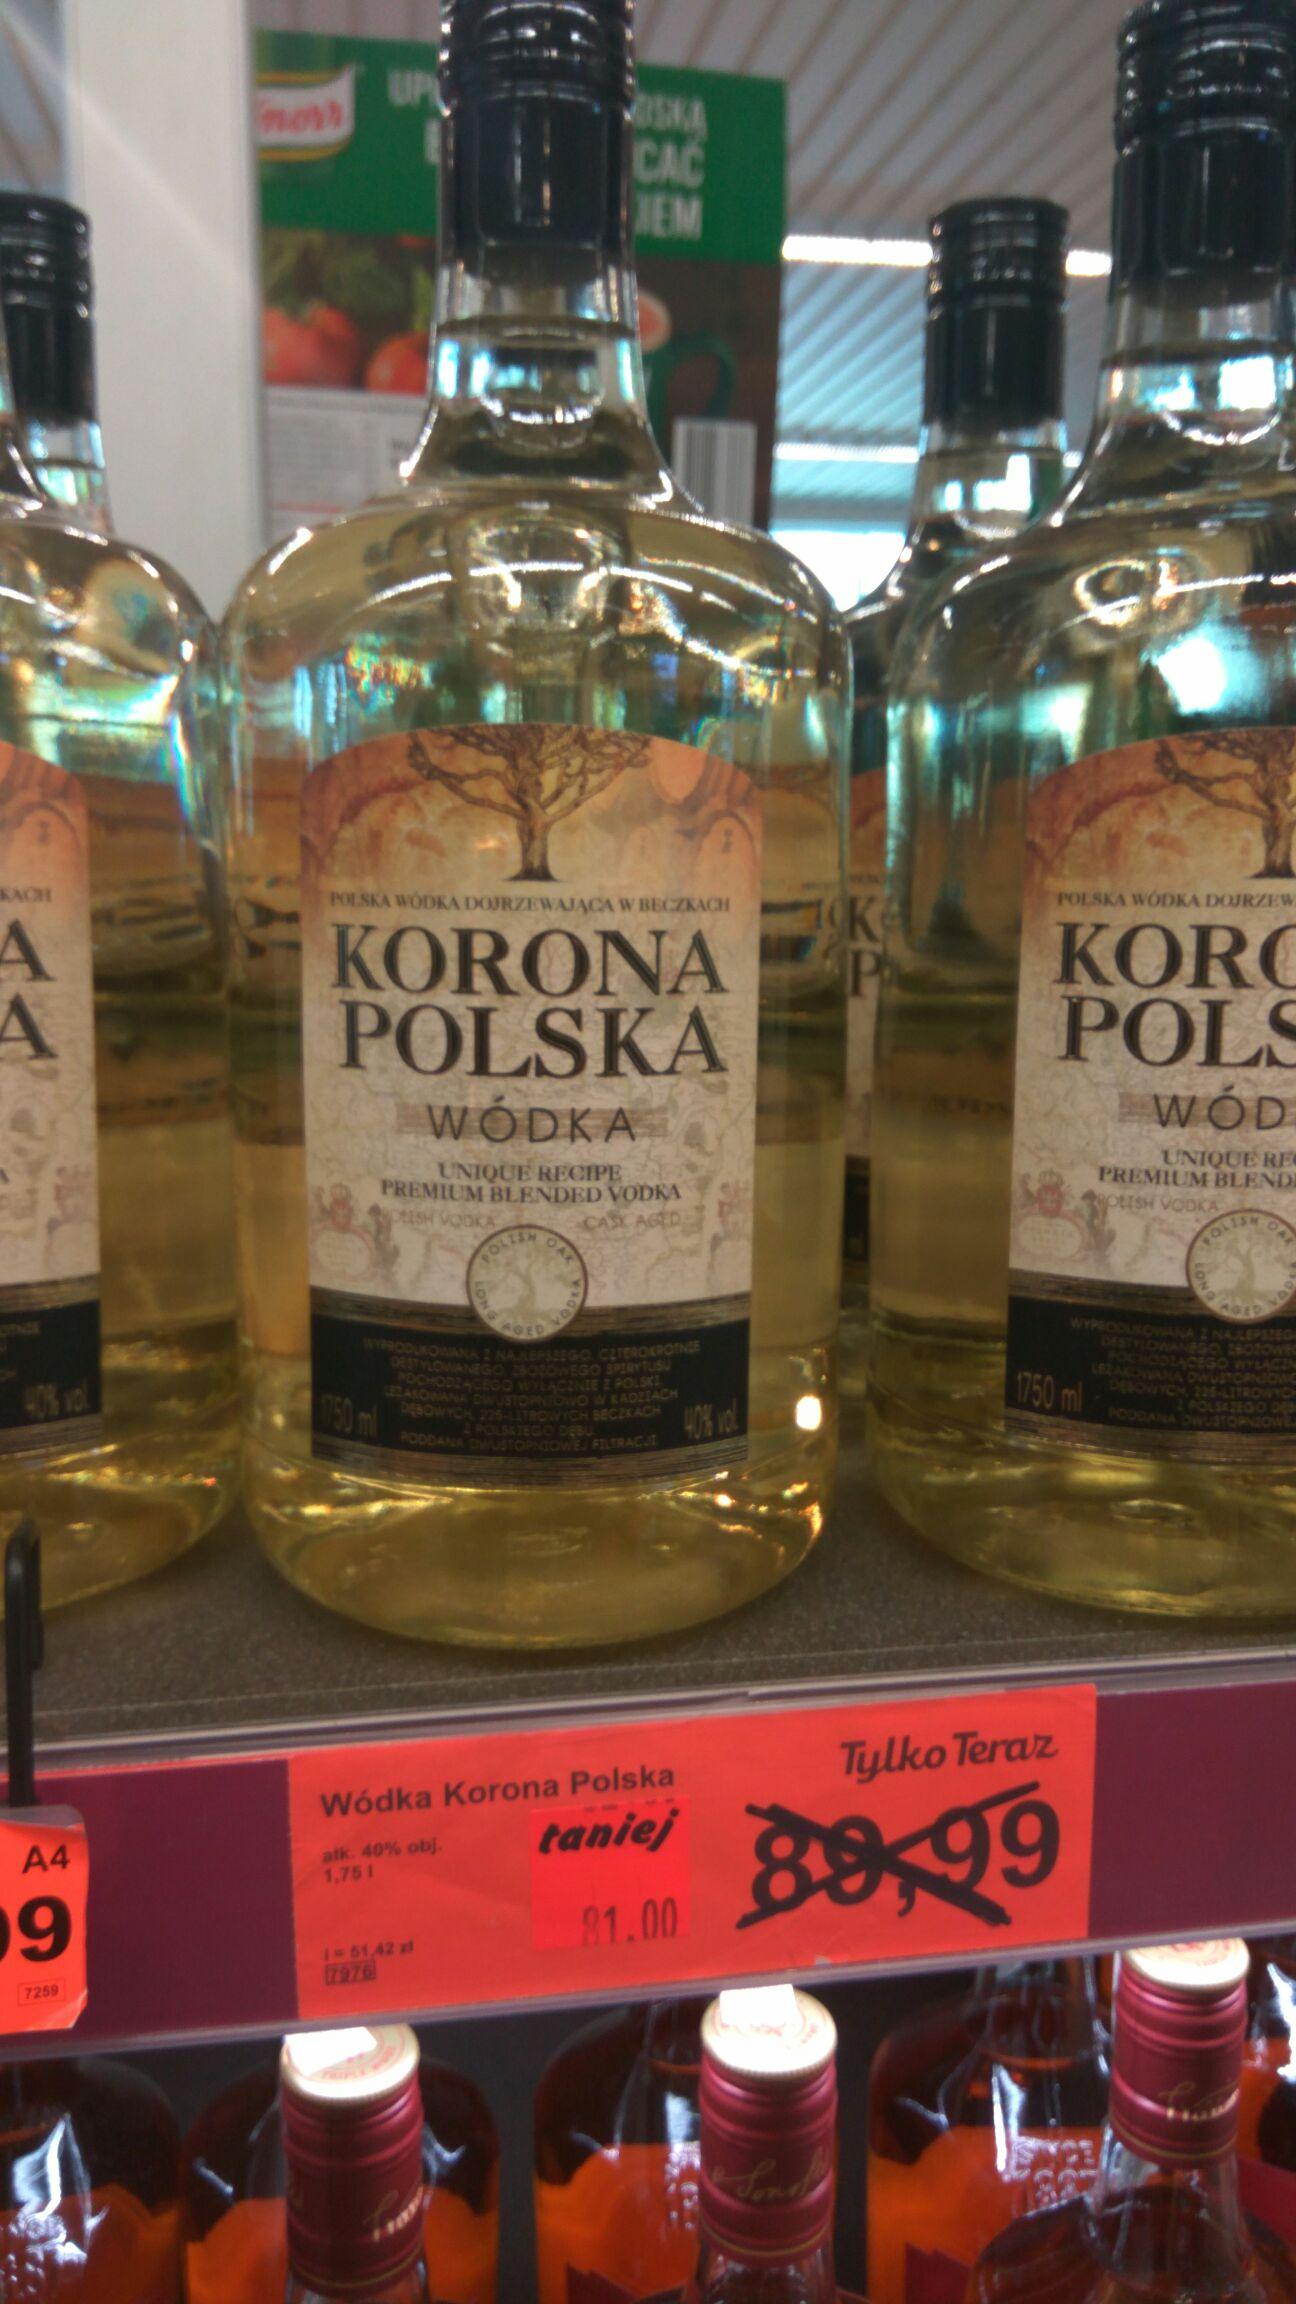 Wódka Korona Polska 1,75 l - Aldi